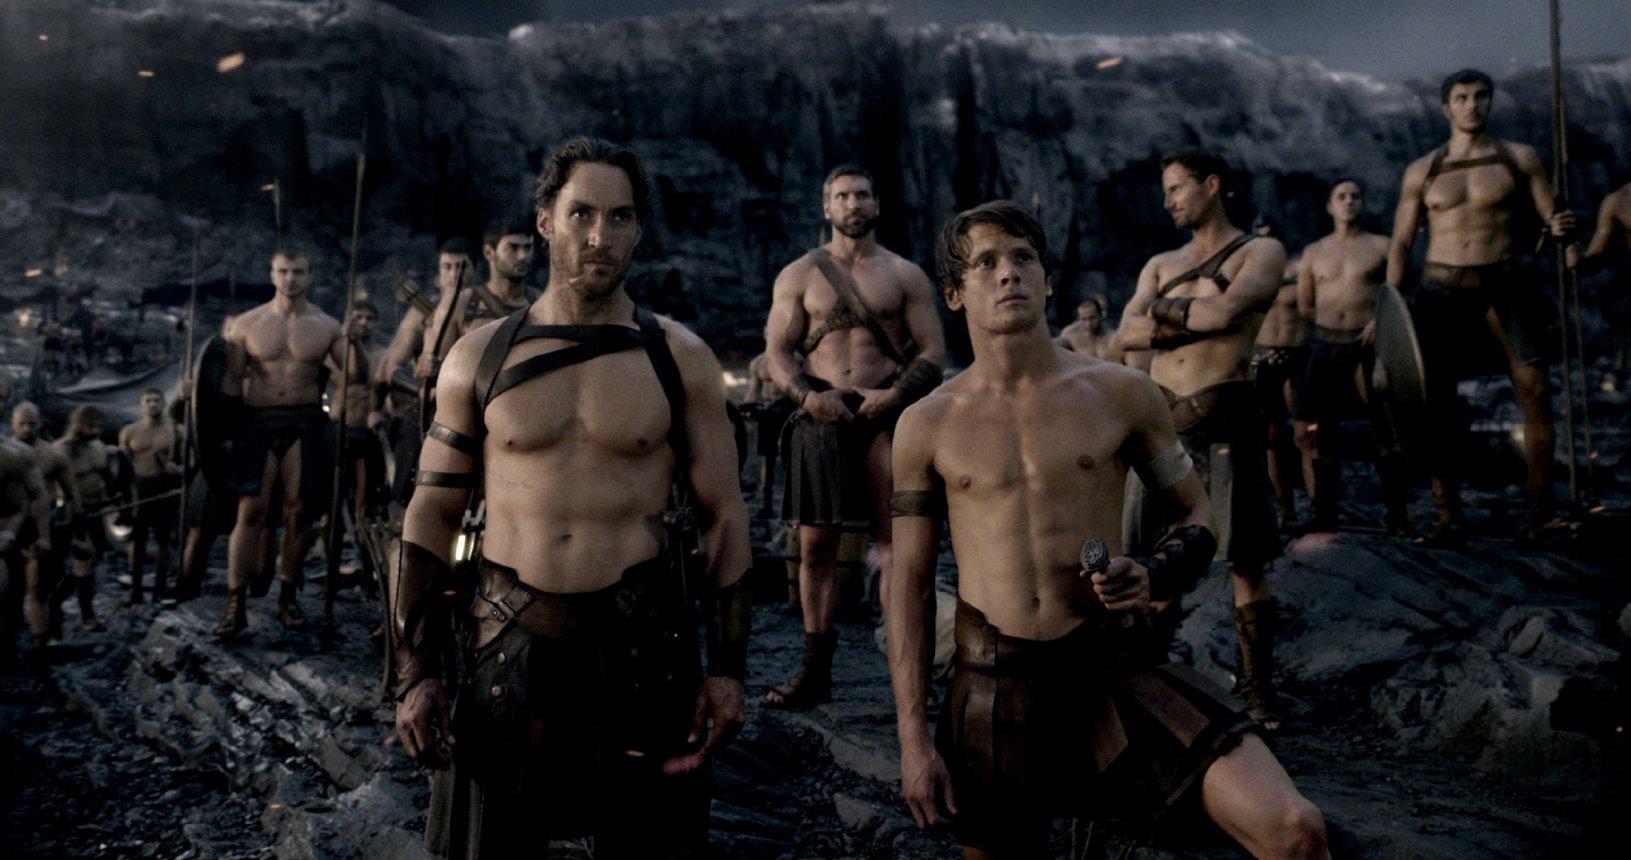 """Epische Schlachten und Schreie im neuen """"300: Rise of an Empire""""-Trailer"""